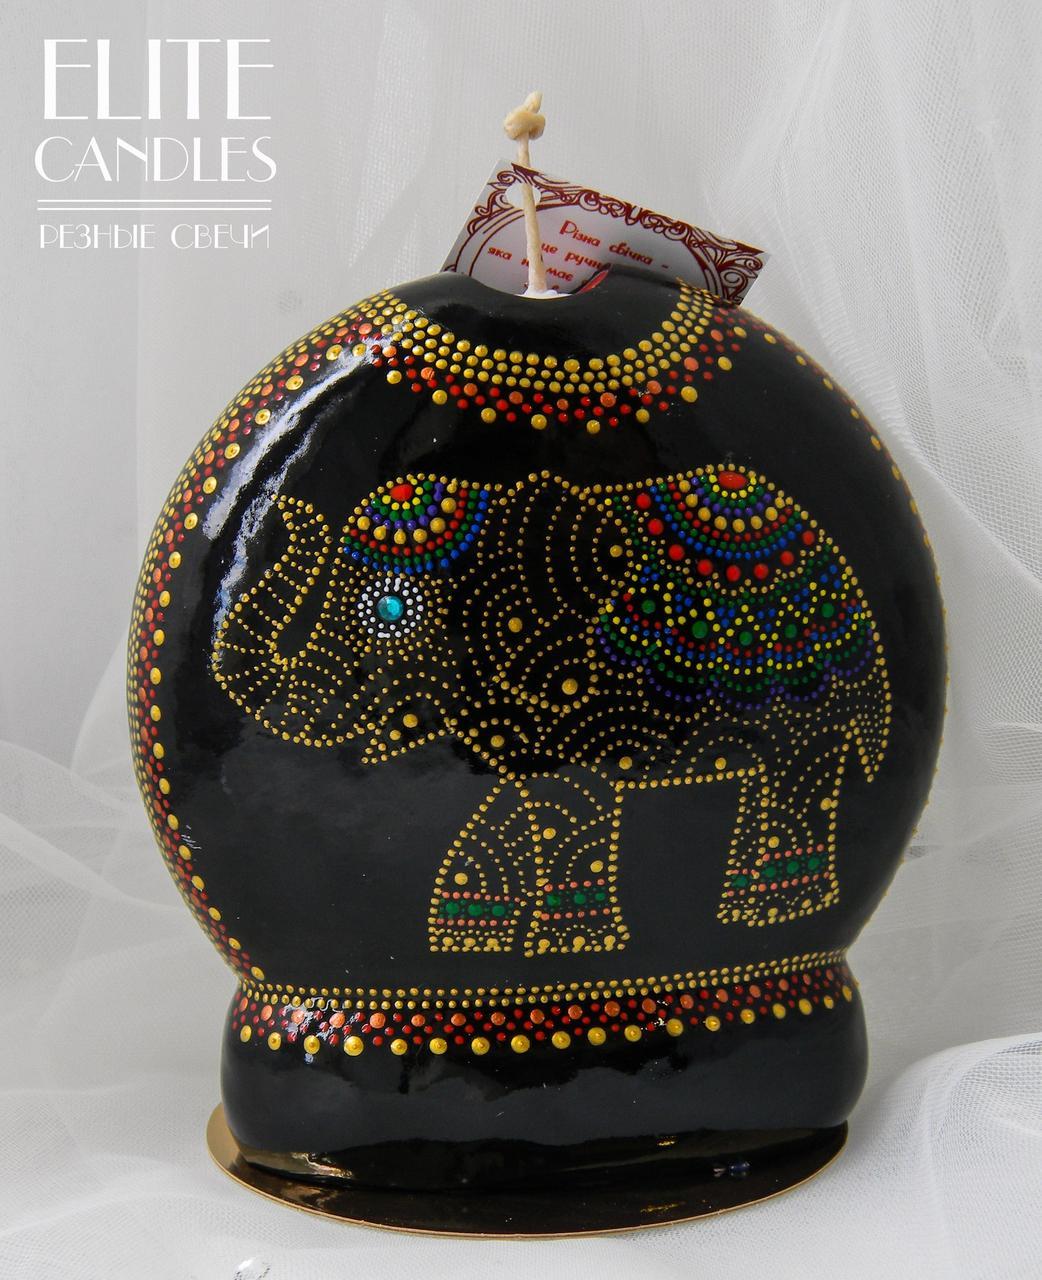 Черная свеча с росписью акрилом золотистого цвета в форме слона